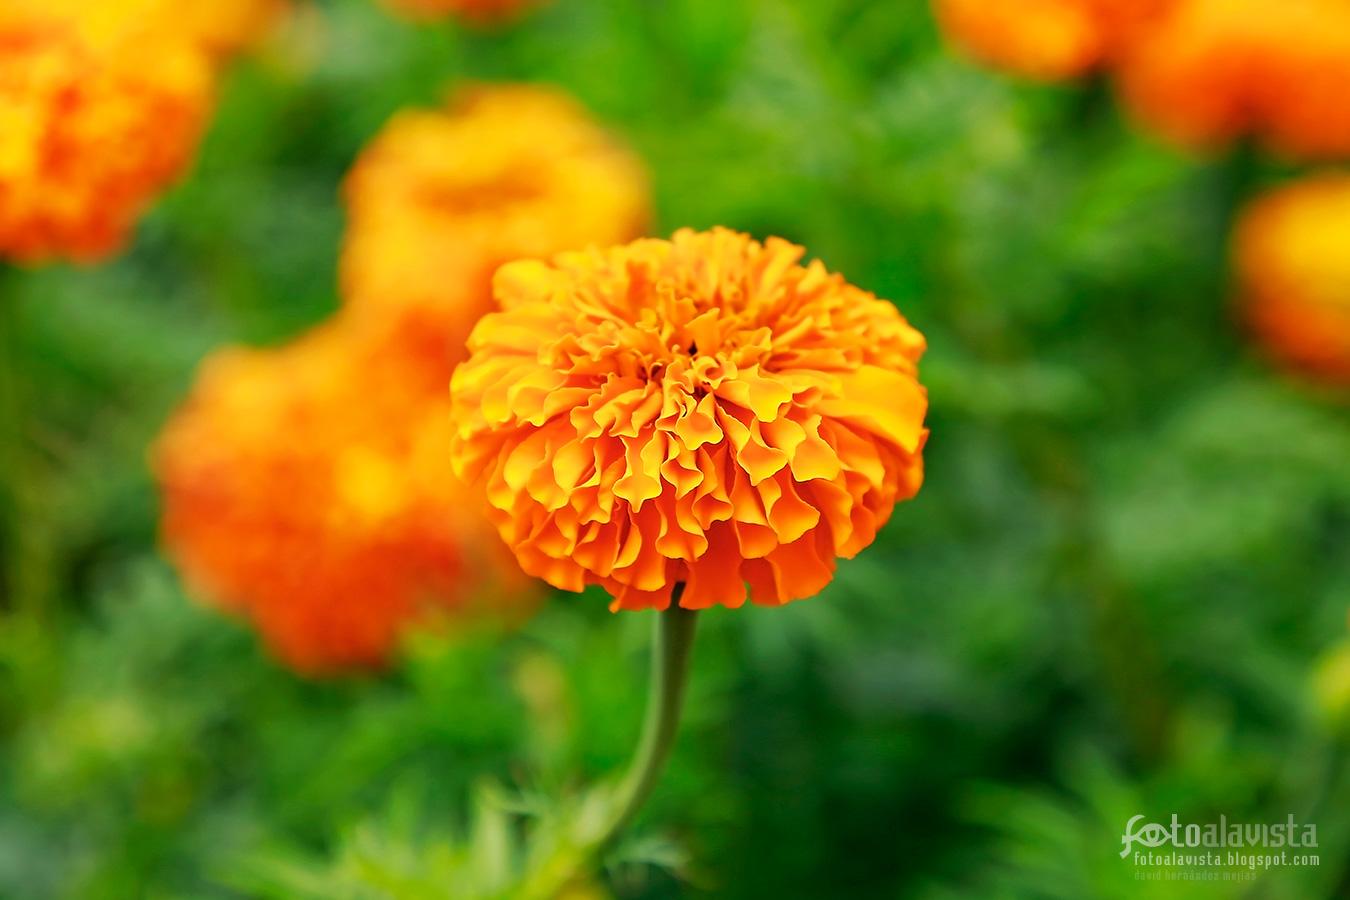 Flor naranja como de papel - Fotografía